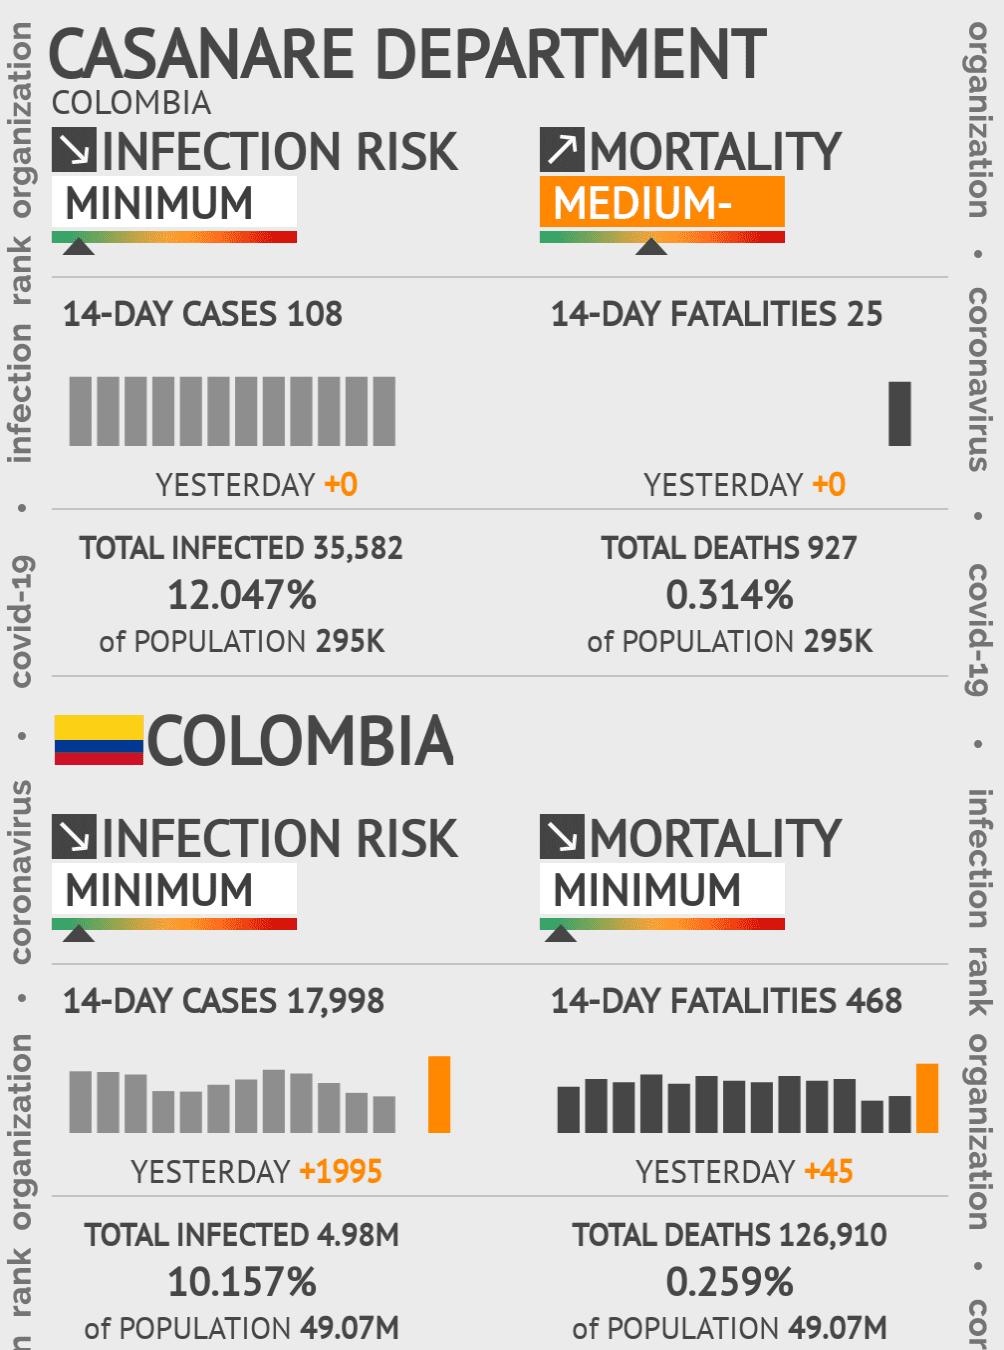 Casanare Coronavirus Covid-19 Risk of Infection on March 06, 2021